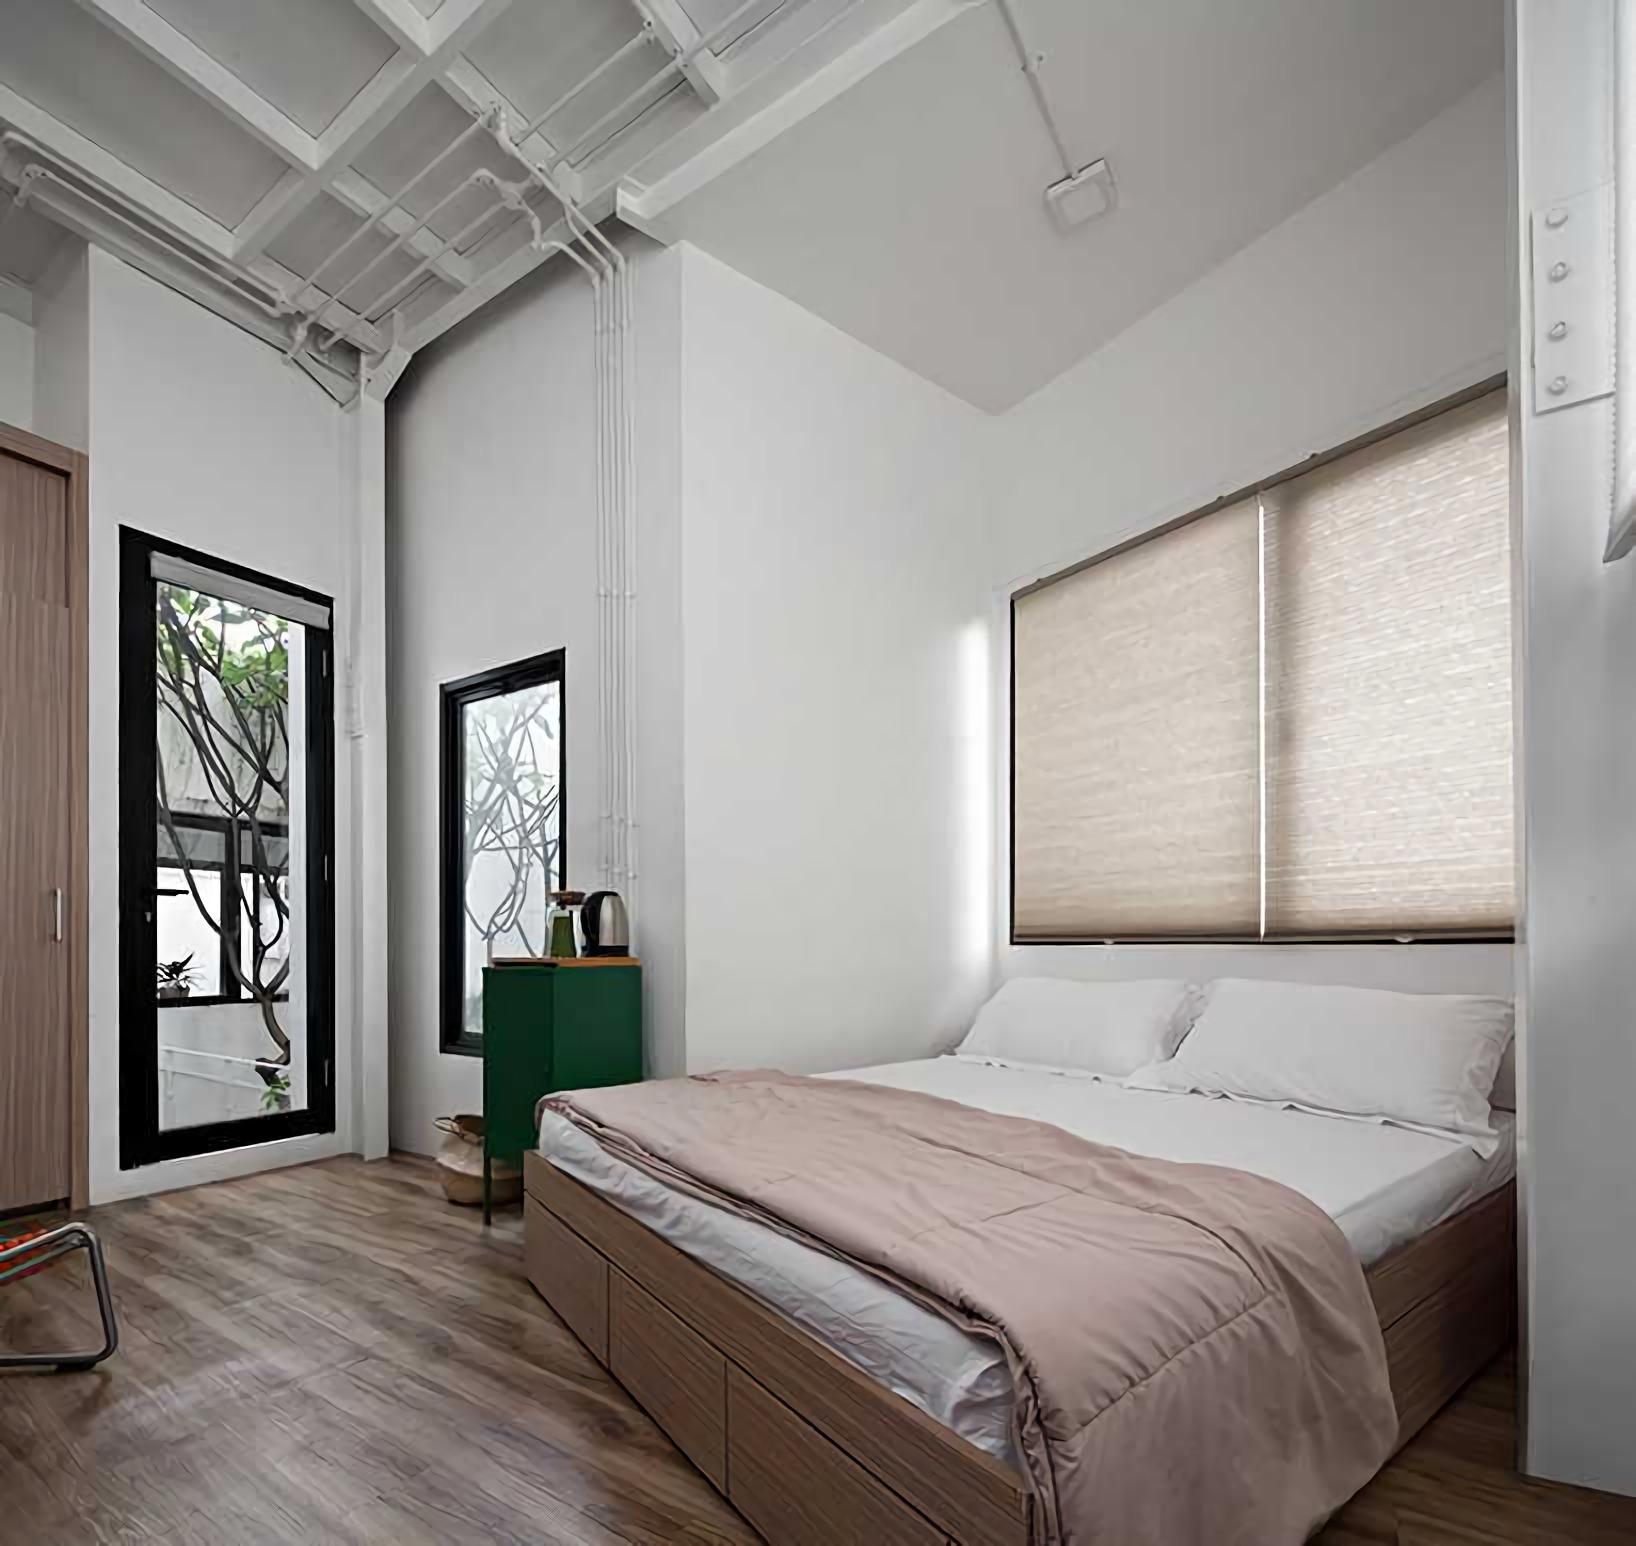 Evolusi kedua dilakukan tahun 2006 hingga 2007. Rumah diperluas dengan menggabungkan rumah tetangga agar mampu menampung 4 kamar tidur tambahan dan ruang pendukung lainnya.